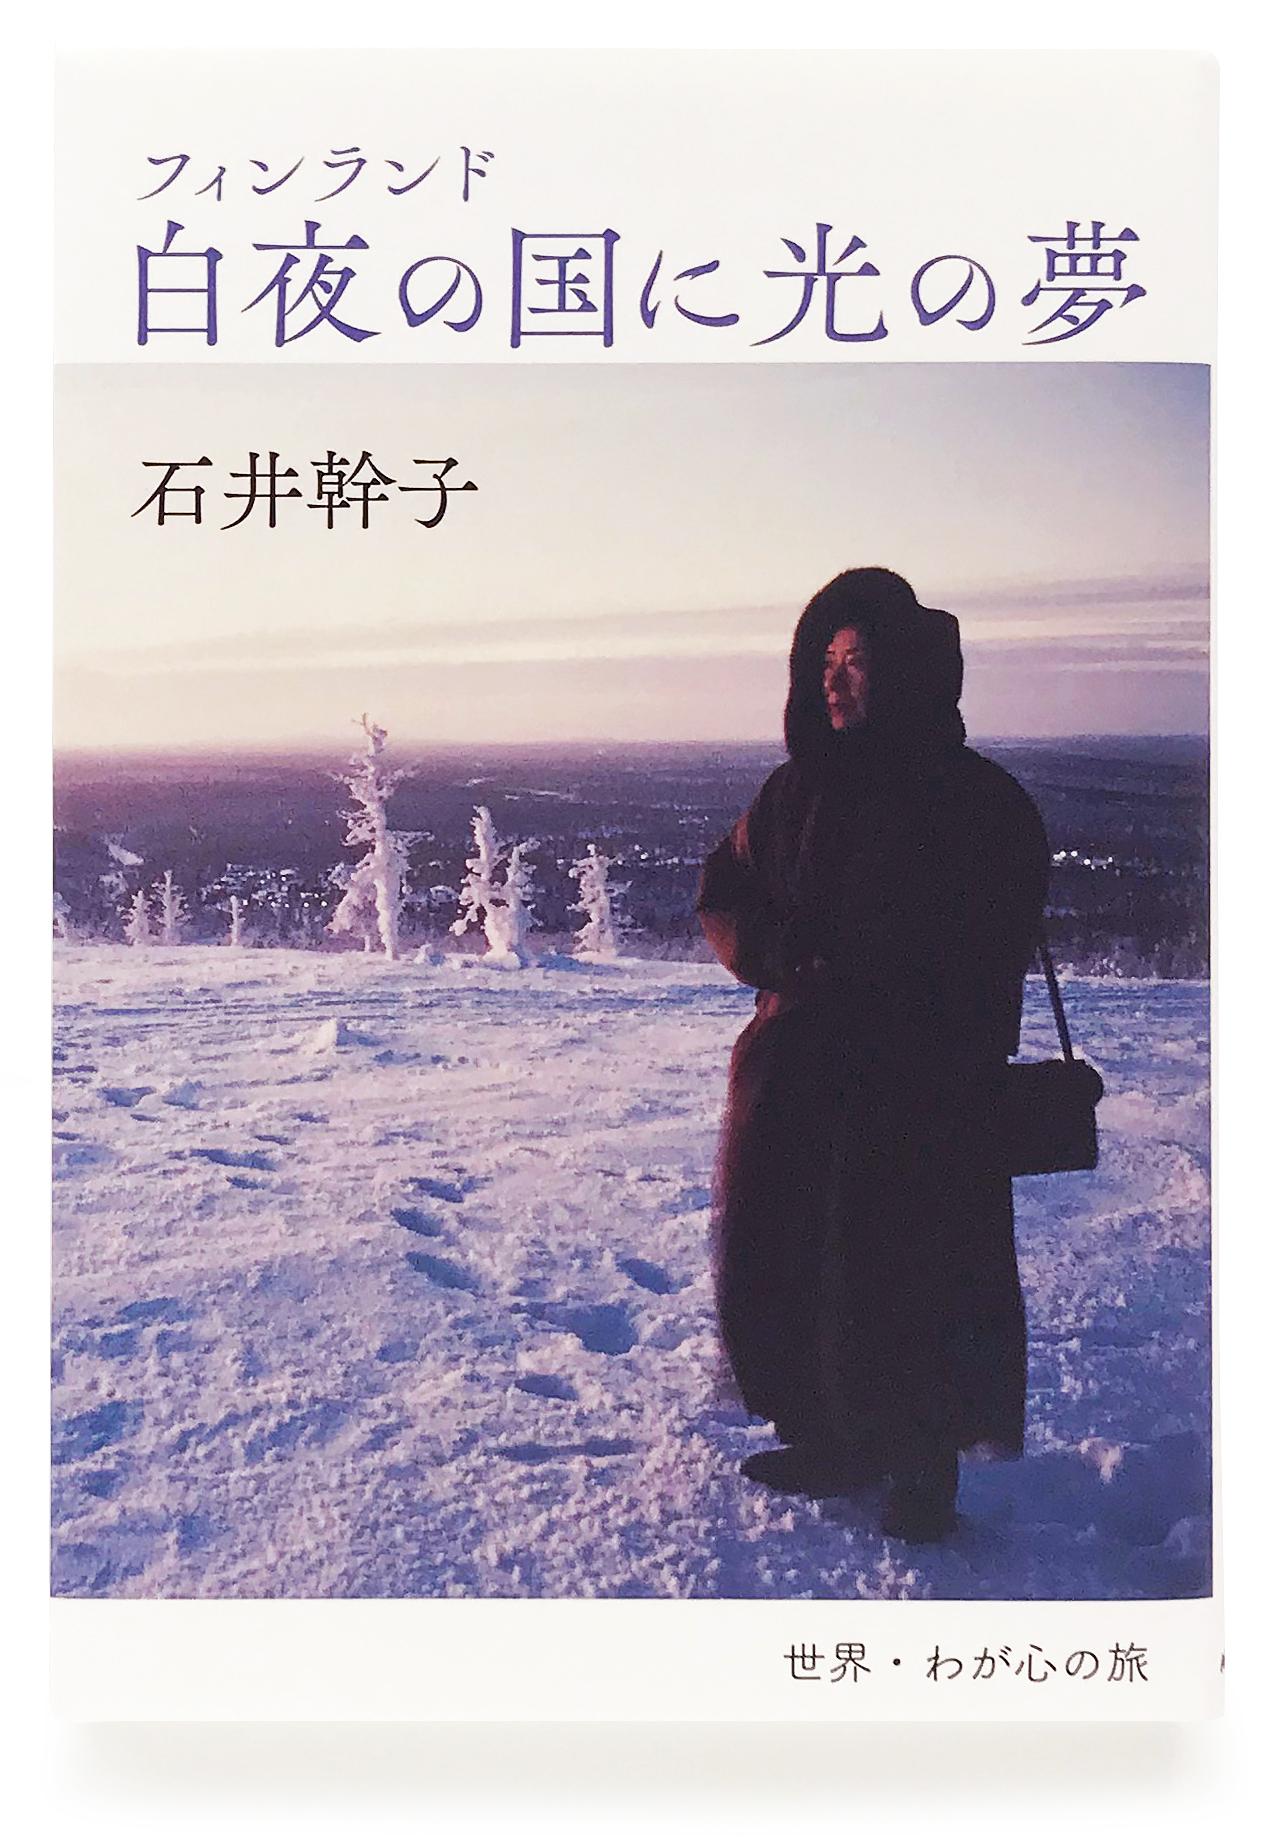 世界わが心の旅シリーズ 『フィンランド 白夜の国に光の夢』復刻版